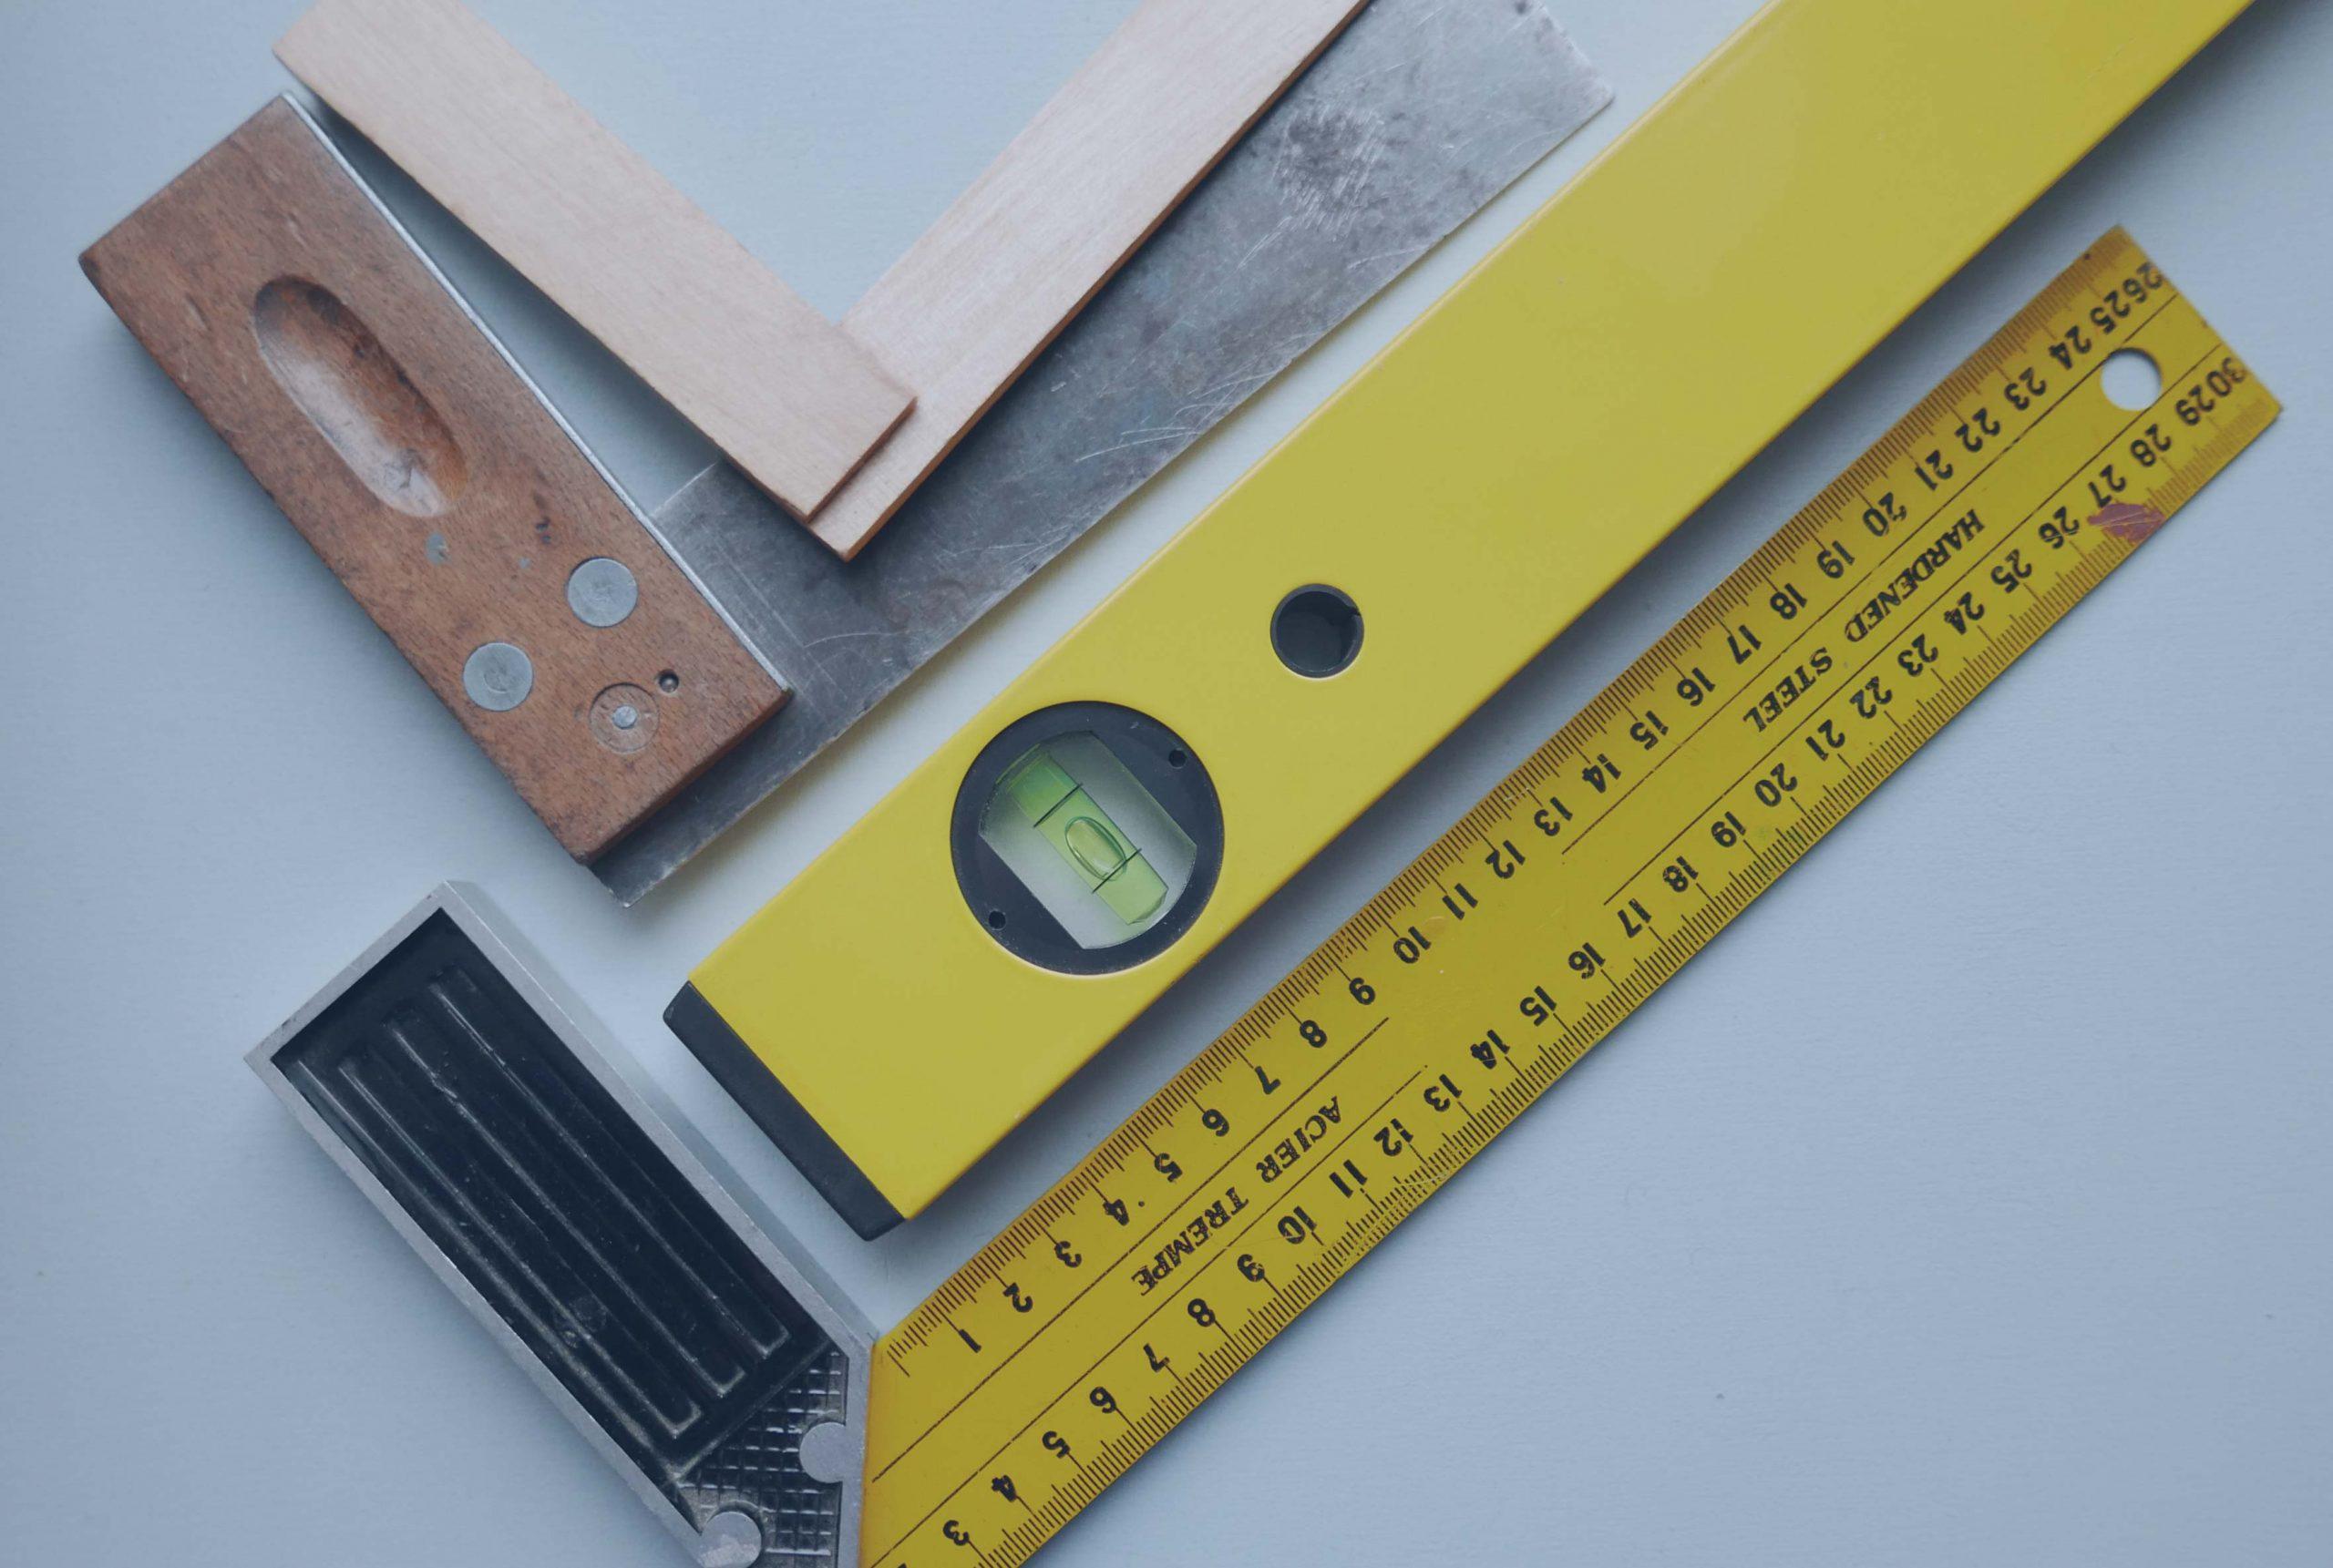 Umbauen und Reparieren Werkzeug Tischlerwinkel und Wasserwaage